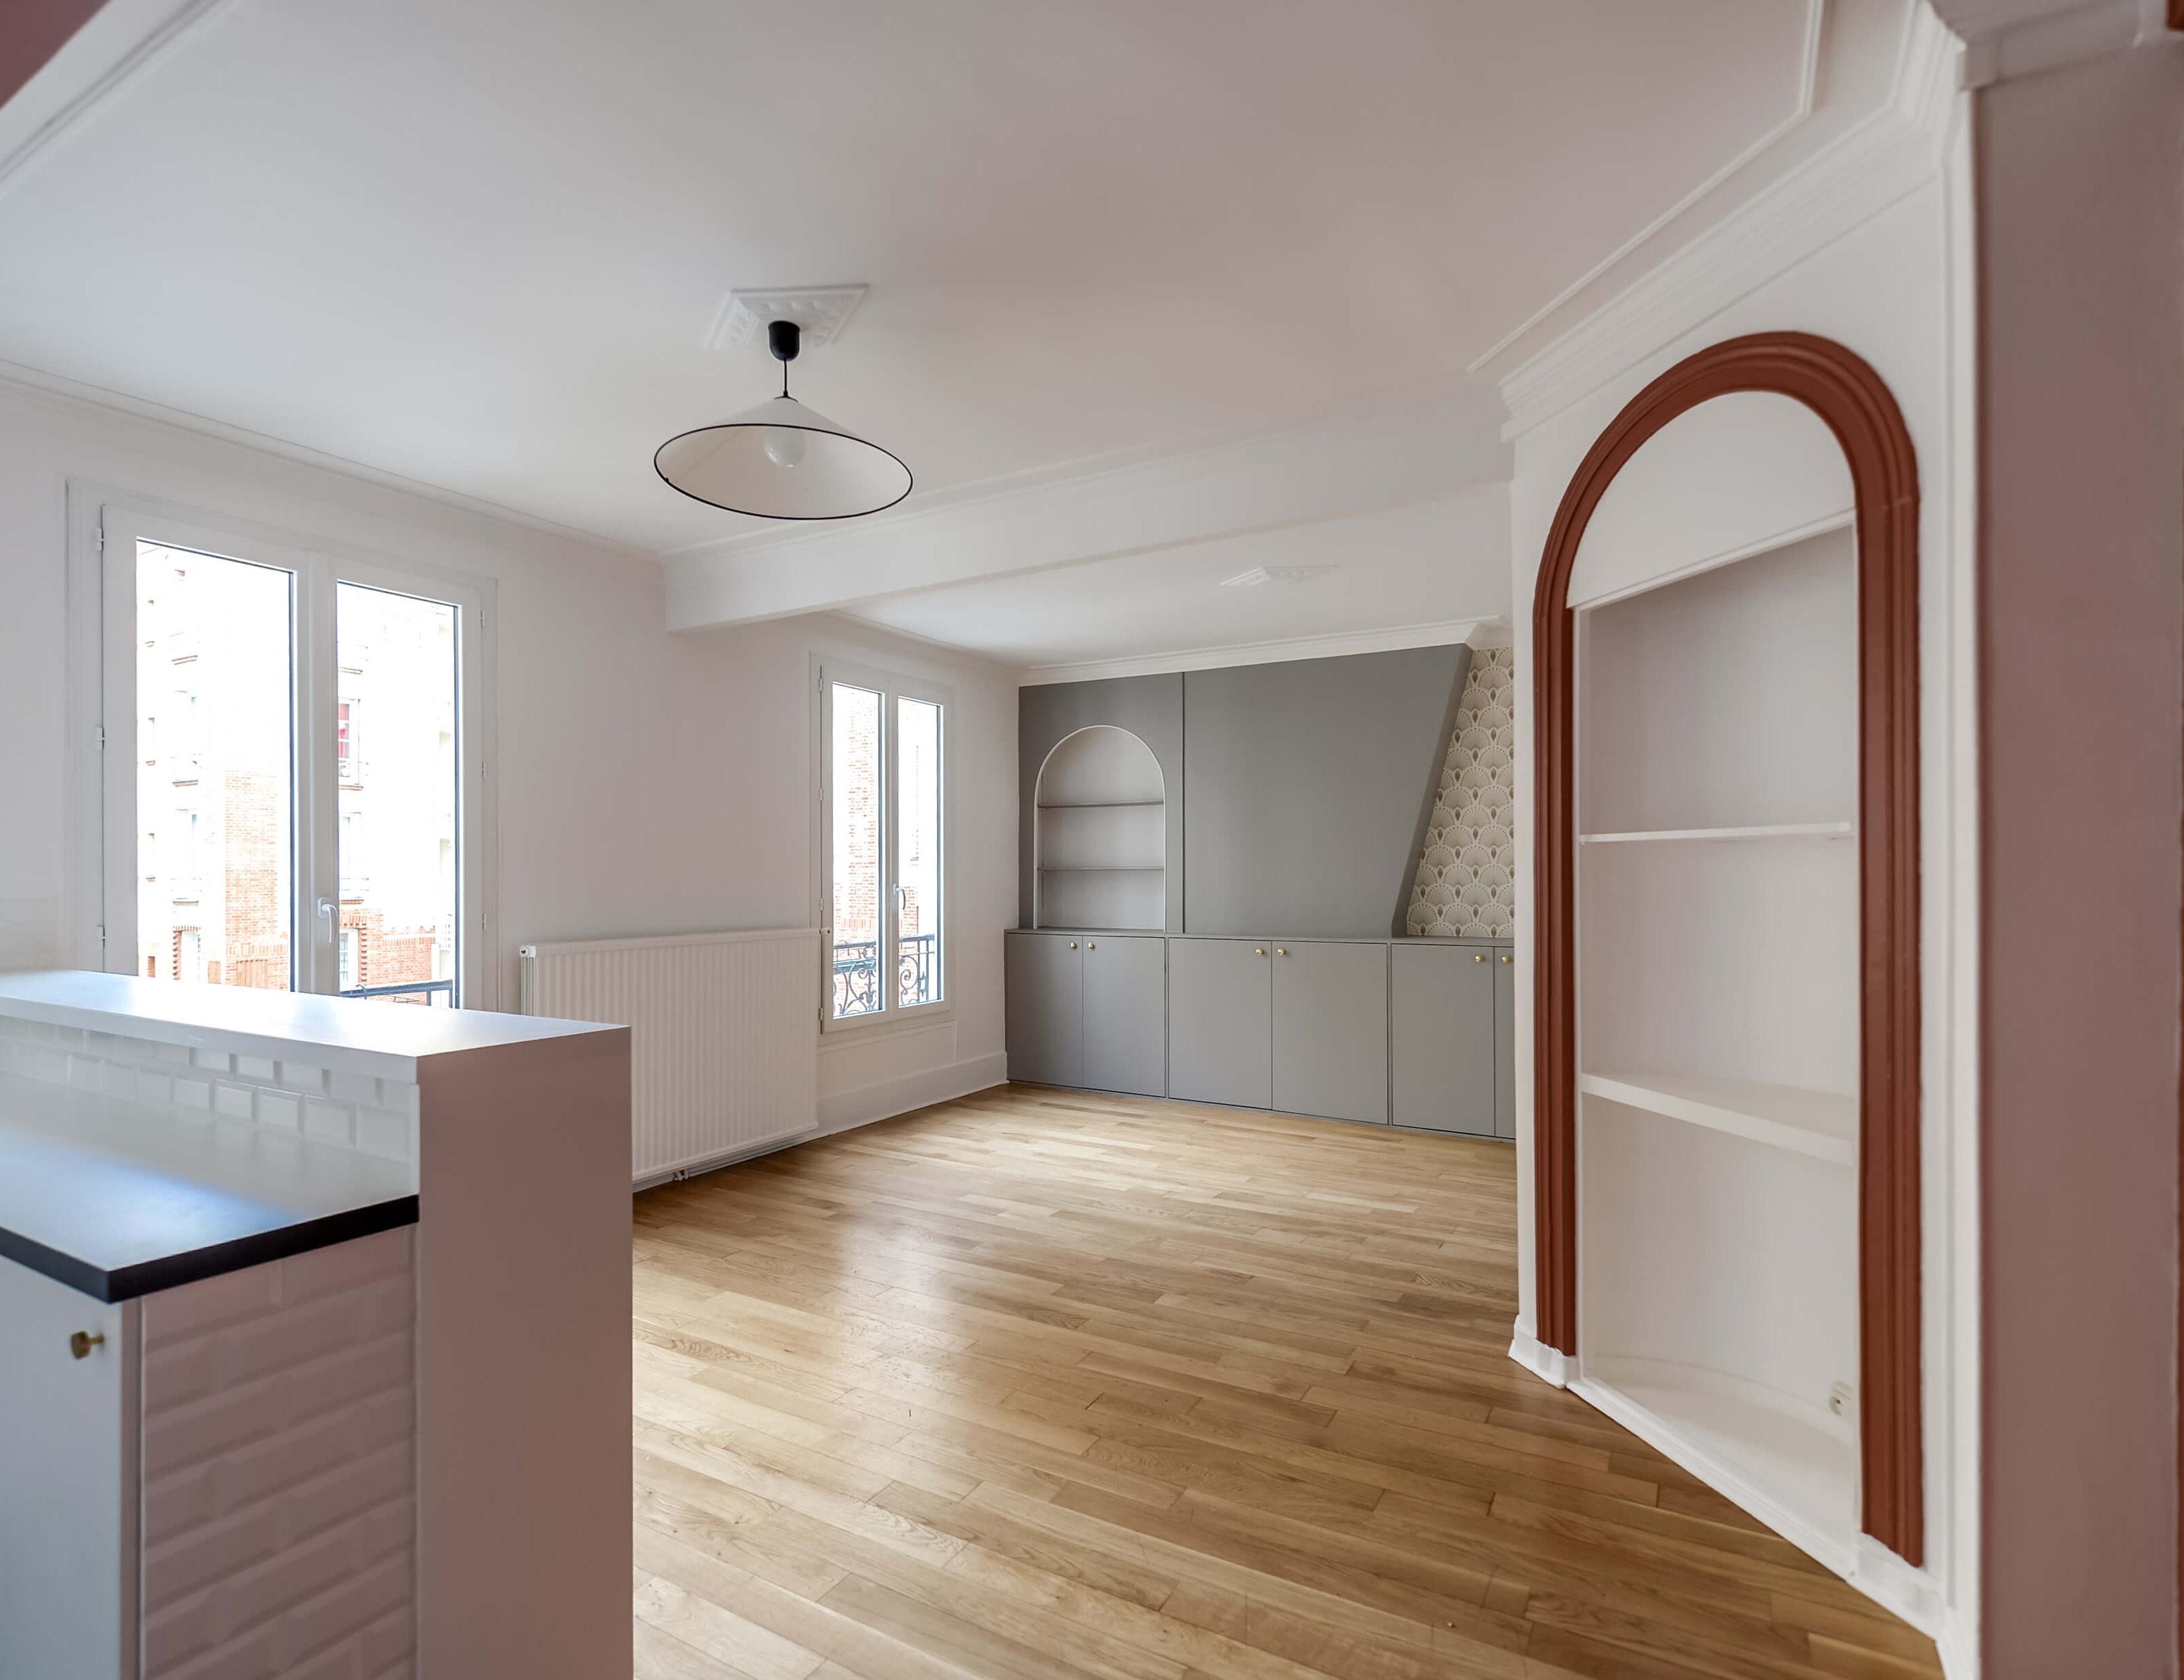 photo Rénovation complète d'un appartement de 45m2 Studio Ginko